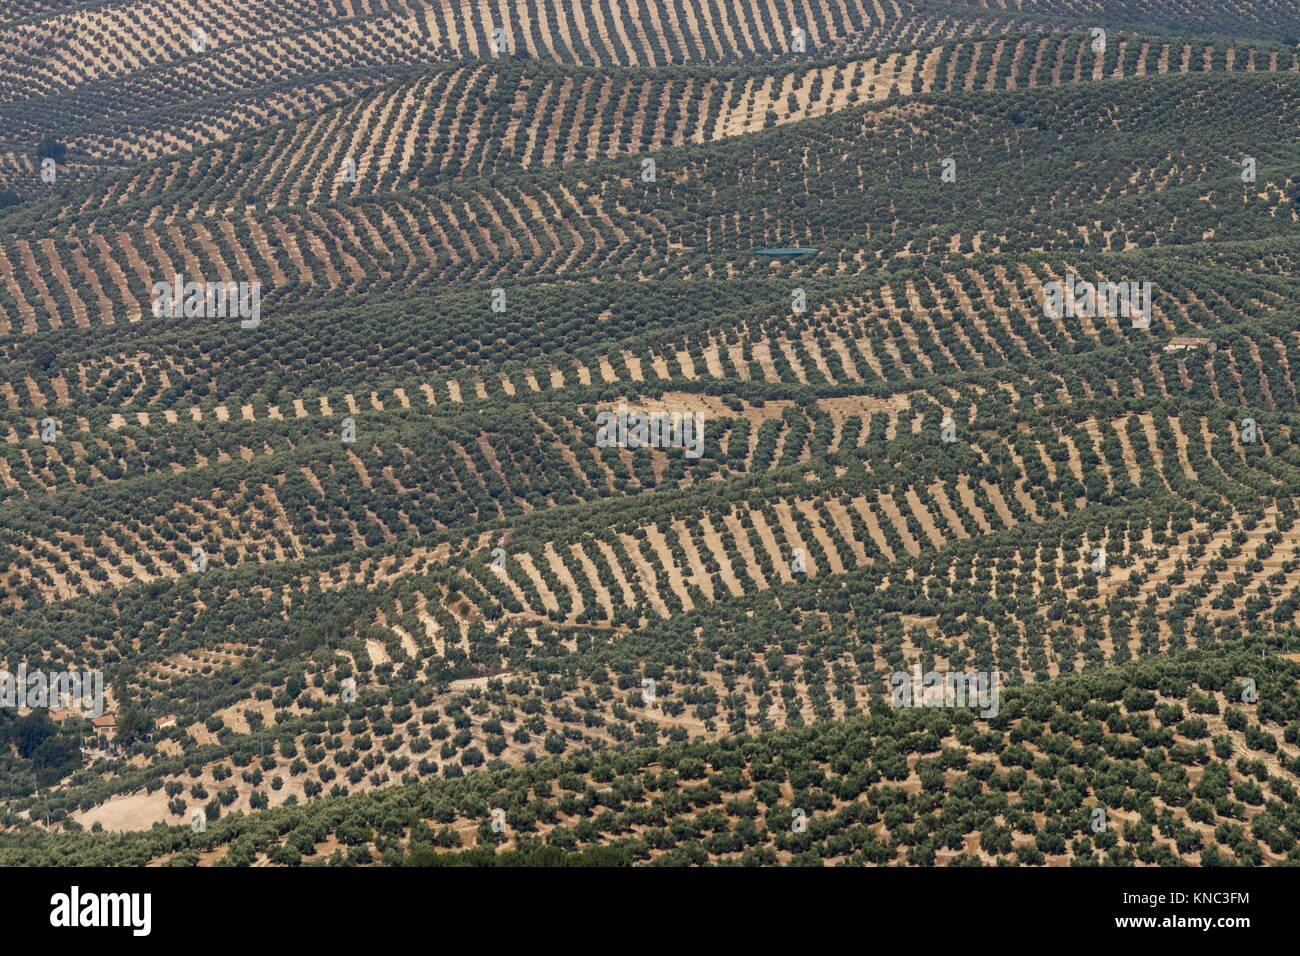 Olive trees, parque natural sierras de Cazorla, Segura y Las Villas, Jaen, Andalucia, Spain. - Stock Image